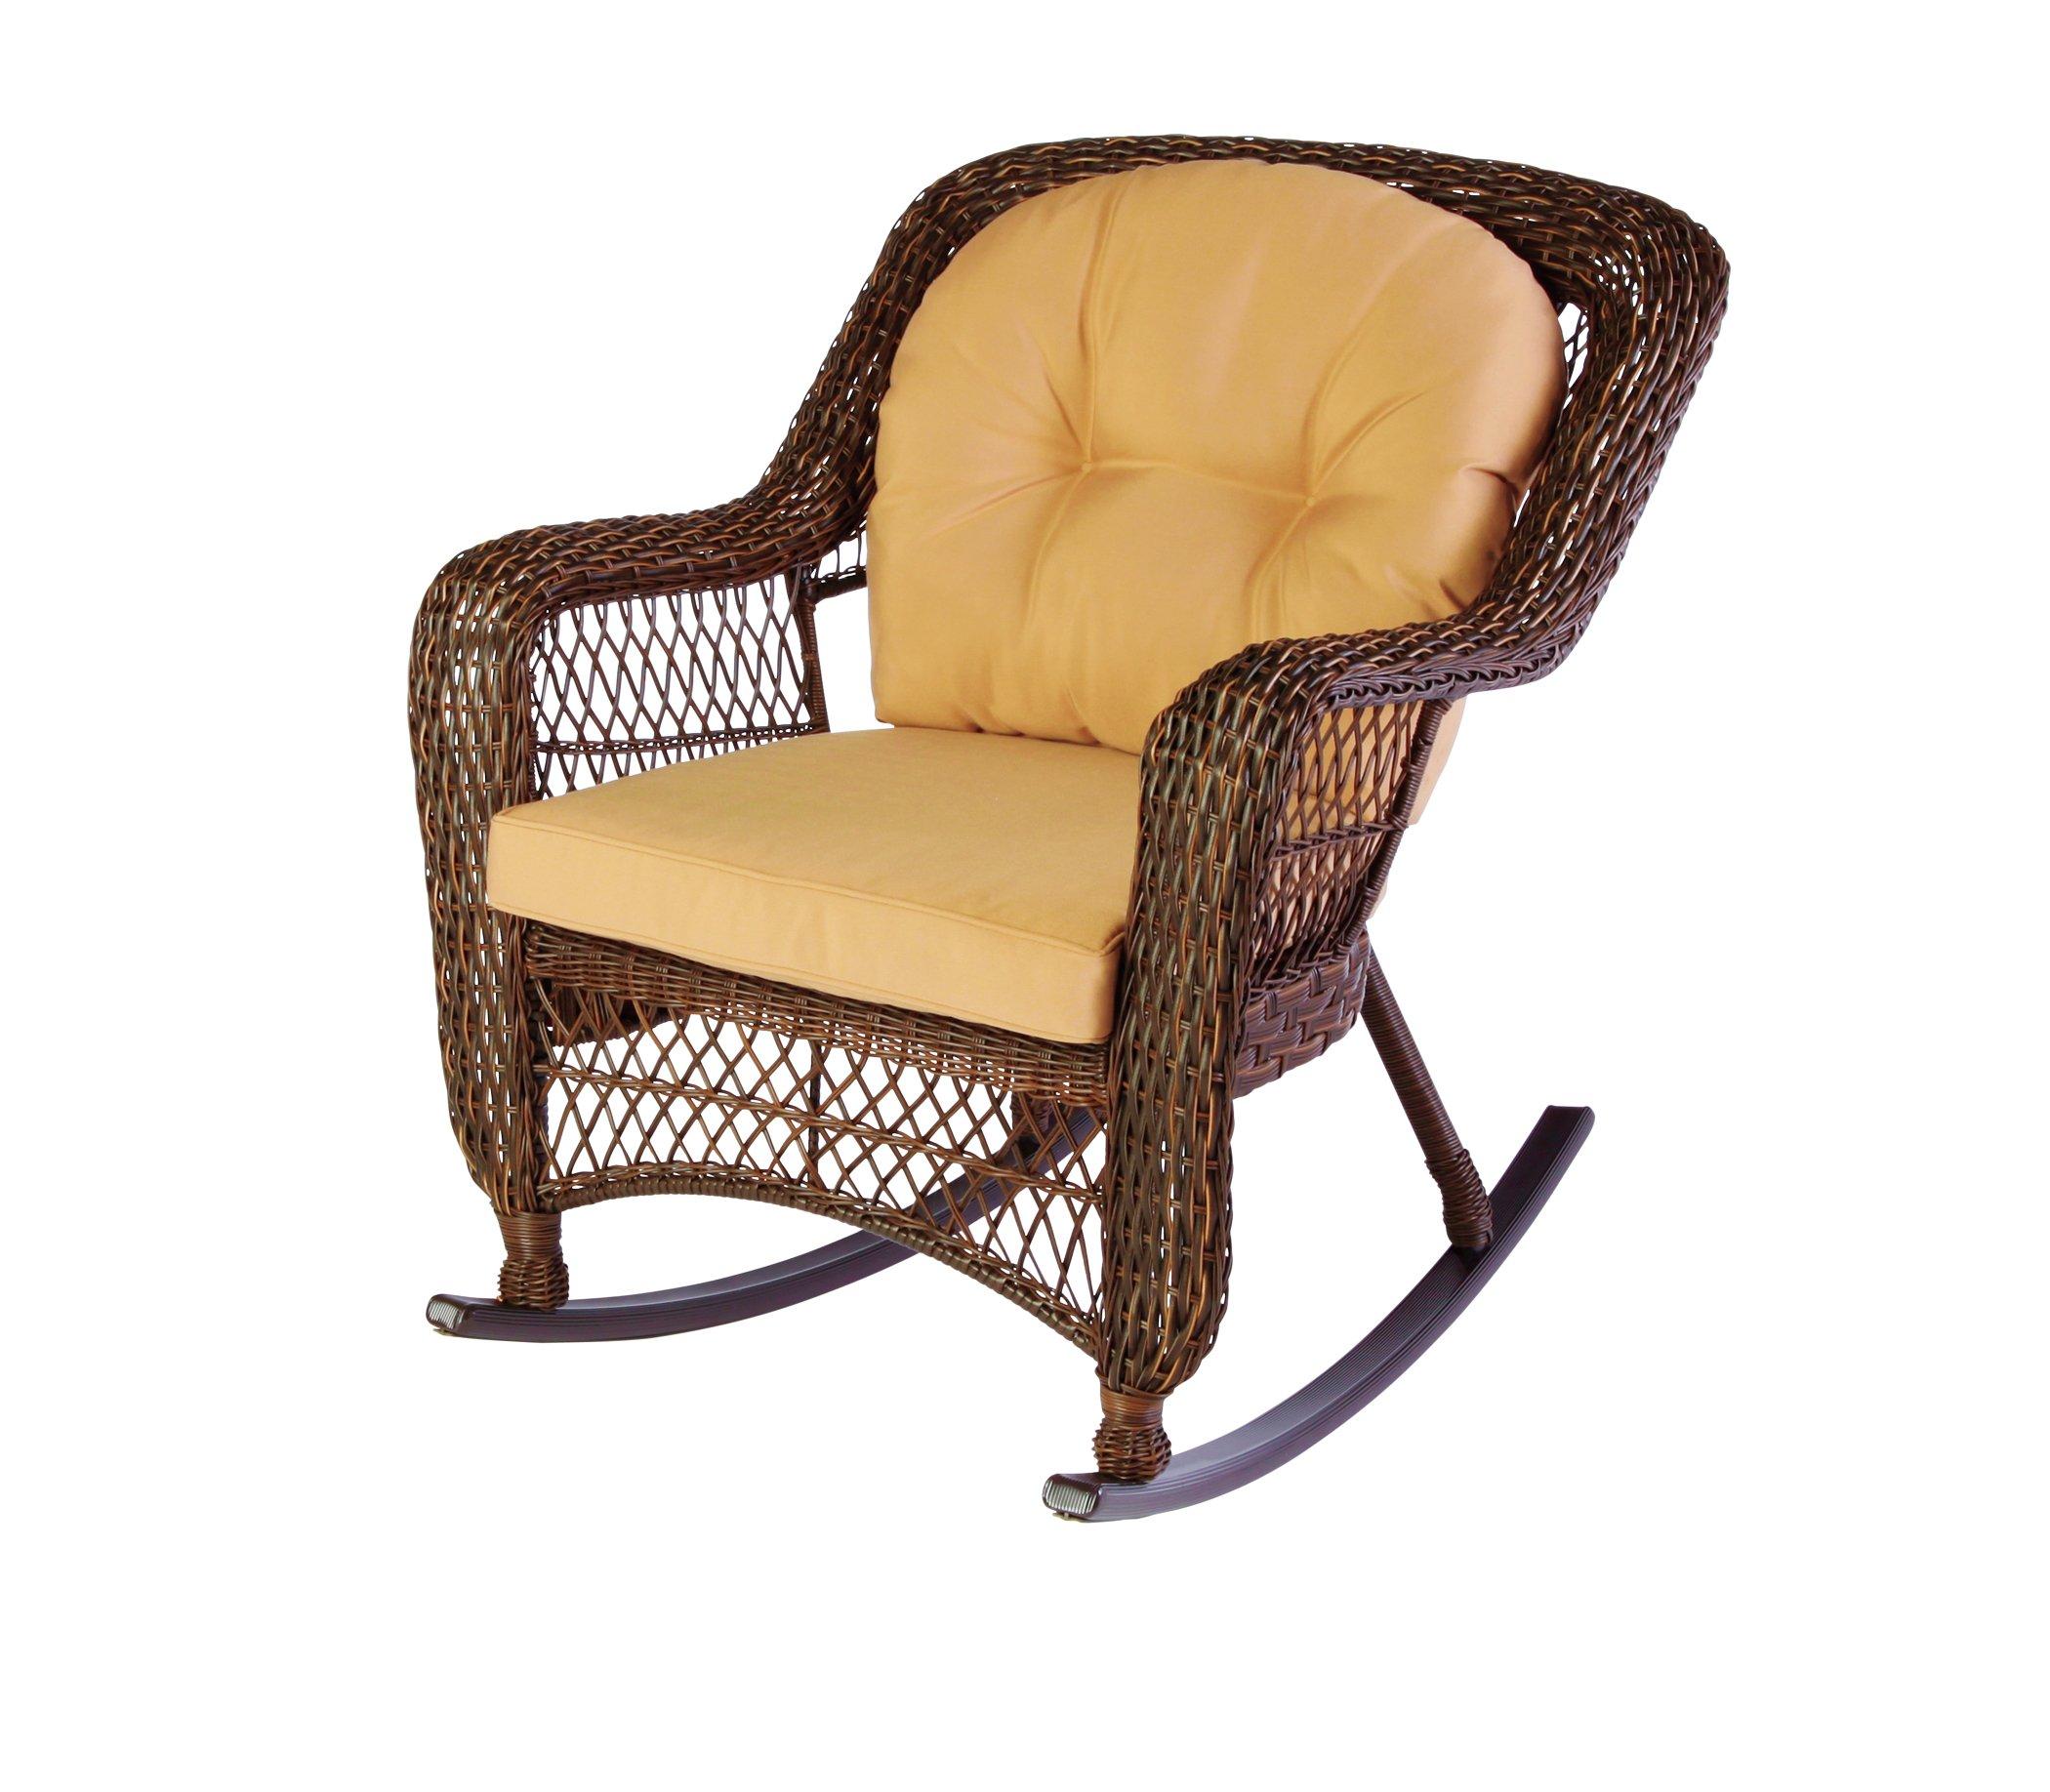 Zest Garden Palmetto II Garden Resin Rocker Shop Furniture at HEB